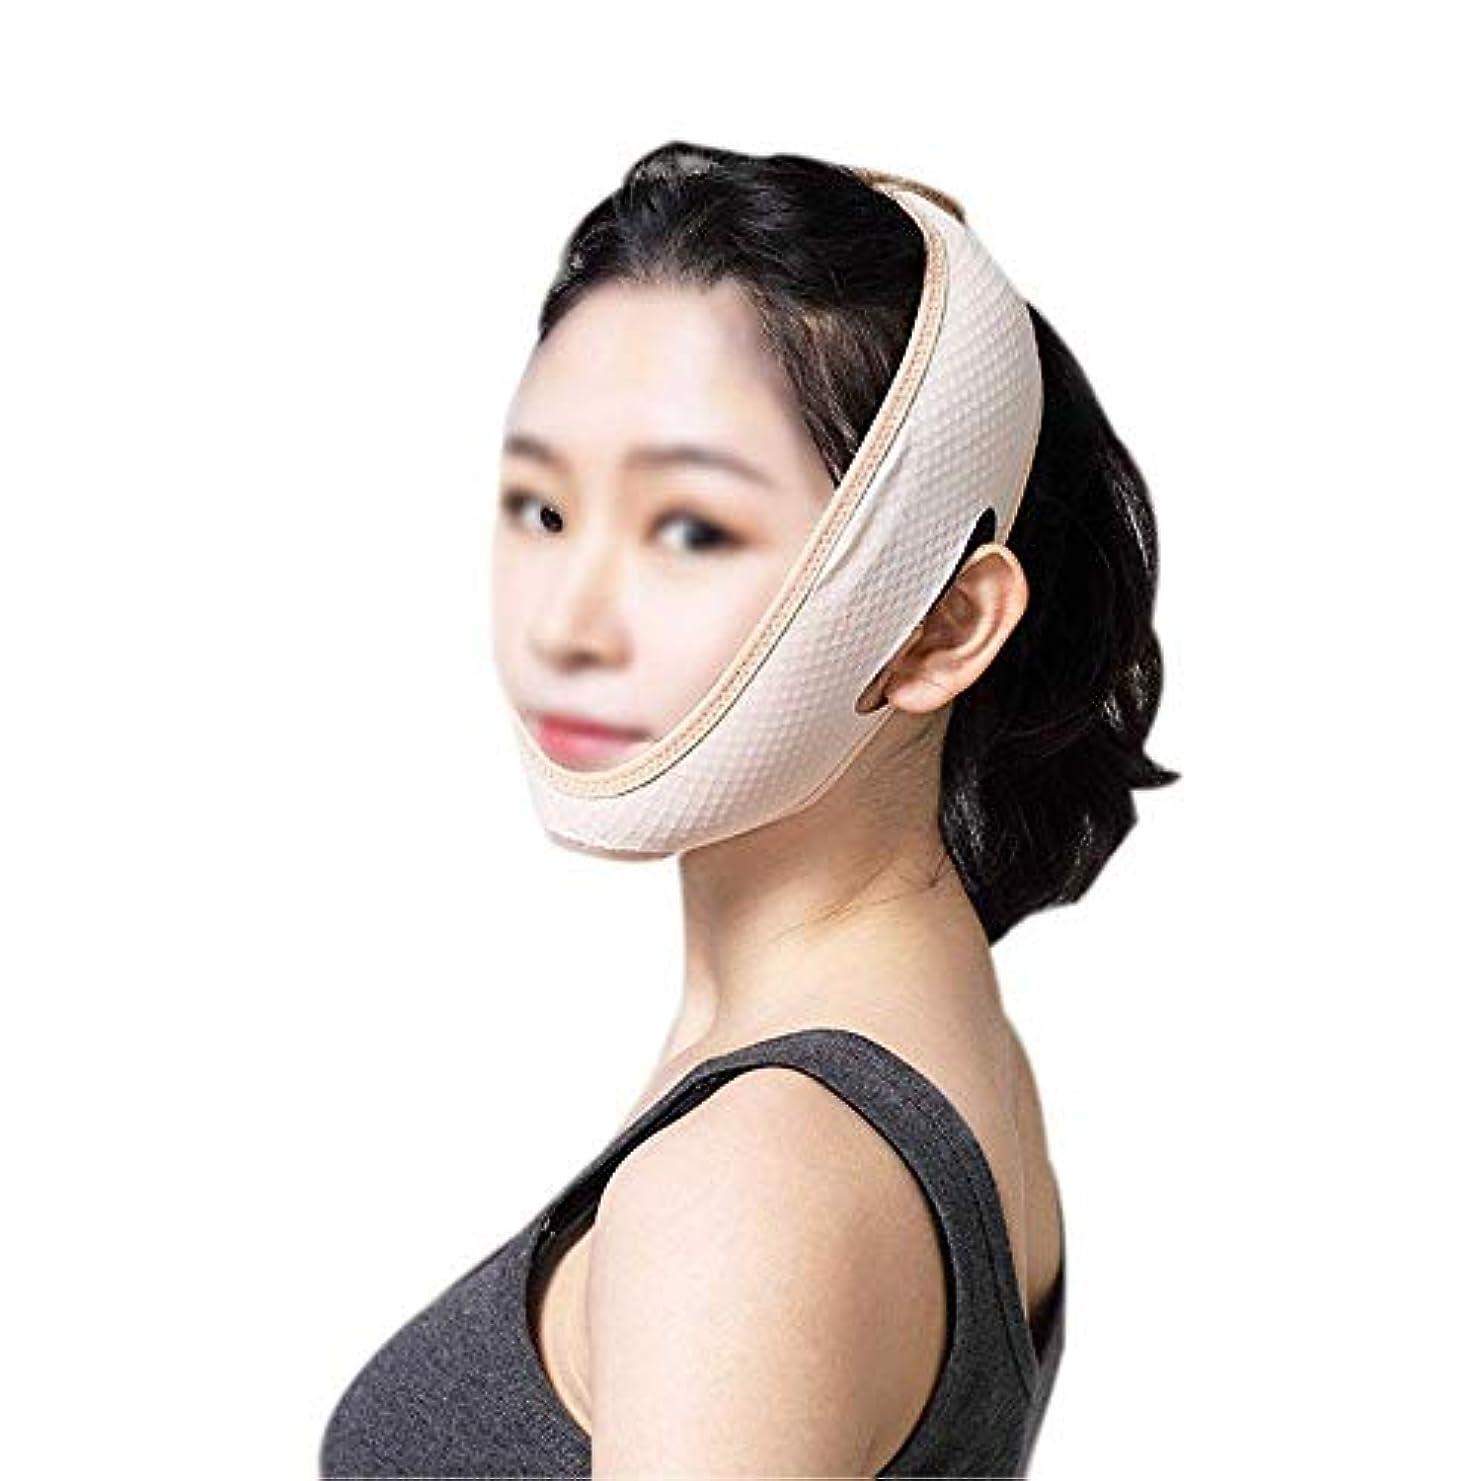 闘争宇宙定説フェイスリフティングバンデージ、肌の引き締めを強化する薄いフェイスマスクの睡眠、ダブルチンマスクの削減